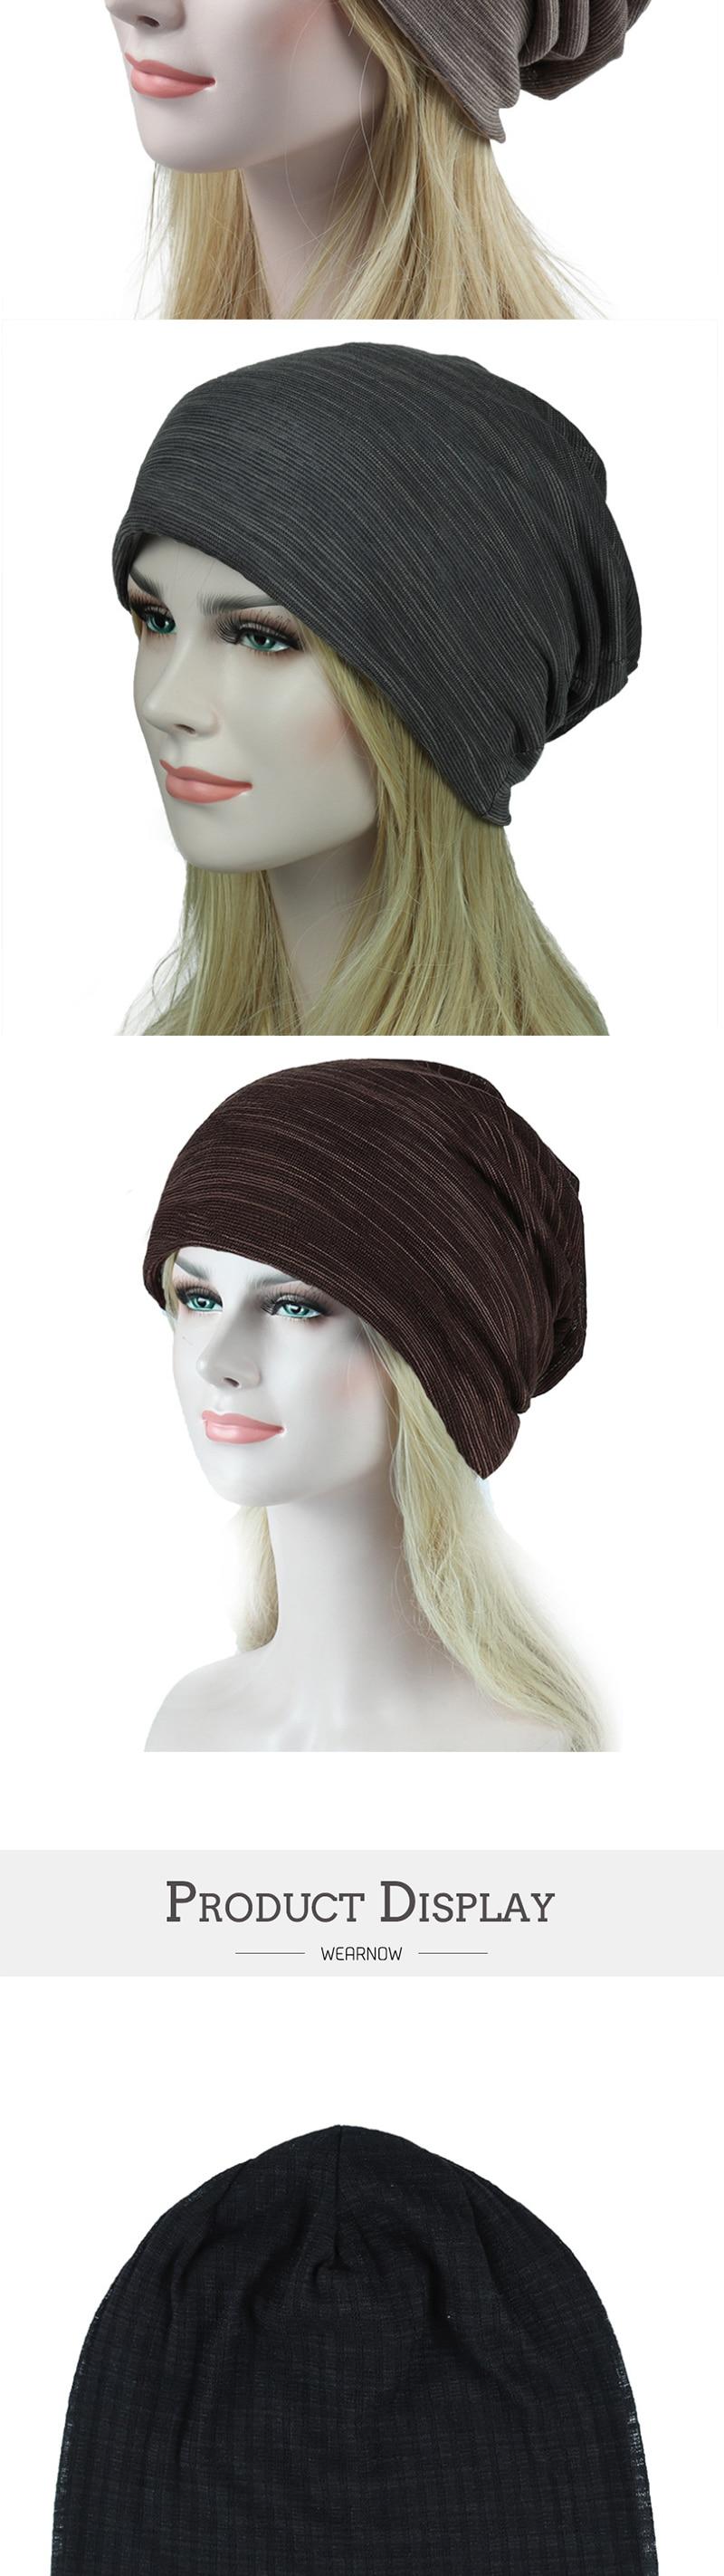 新款针织帽_2019-eilish刺绣针织帽套头嘻哈帽毛线帽18色---阿里巴巴_05